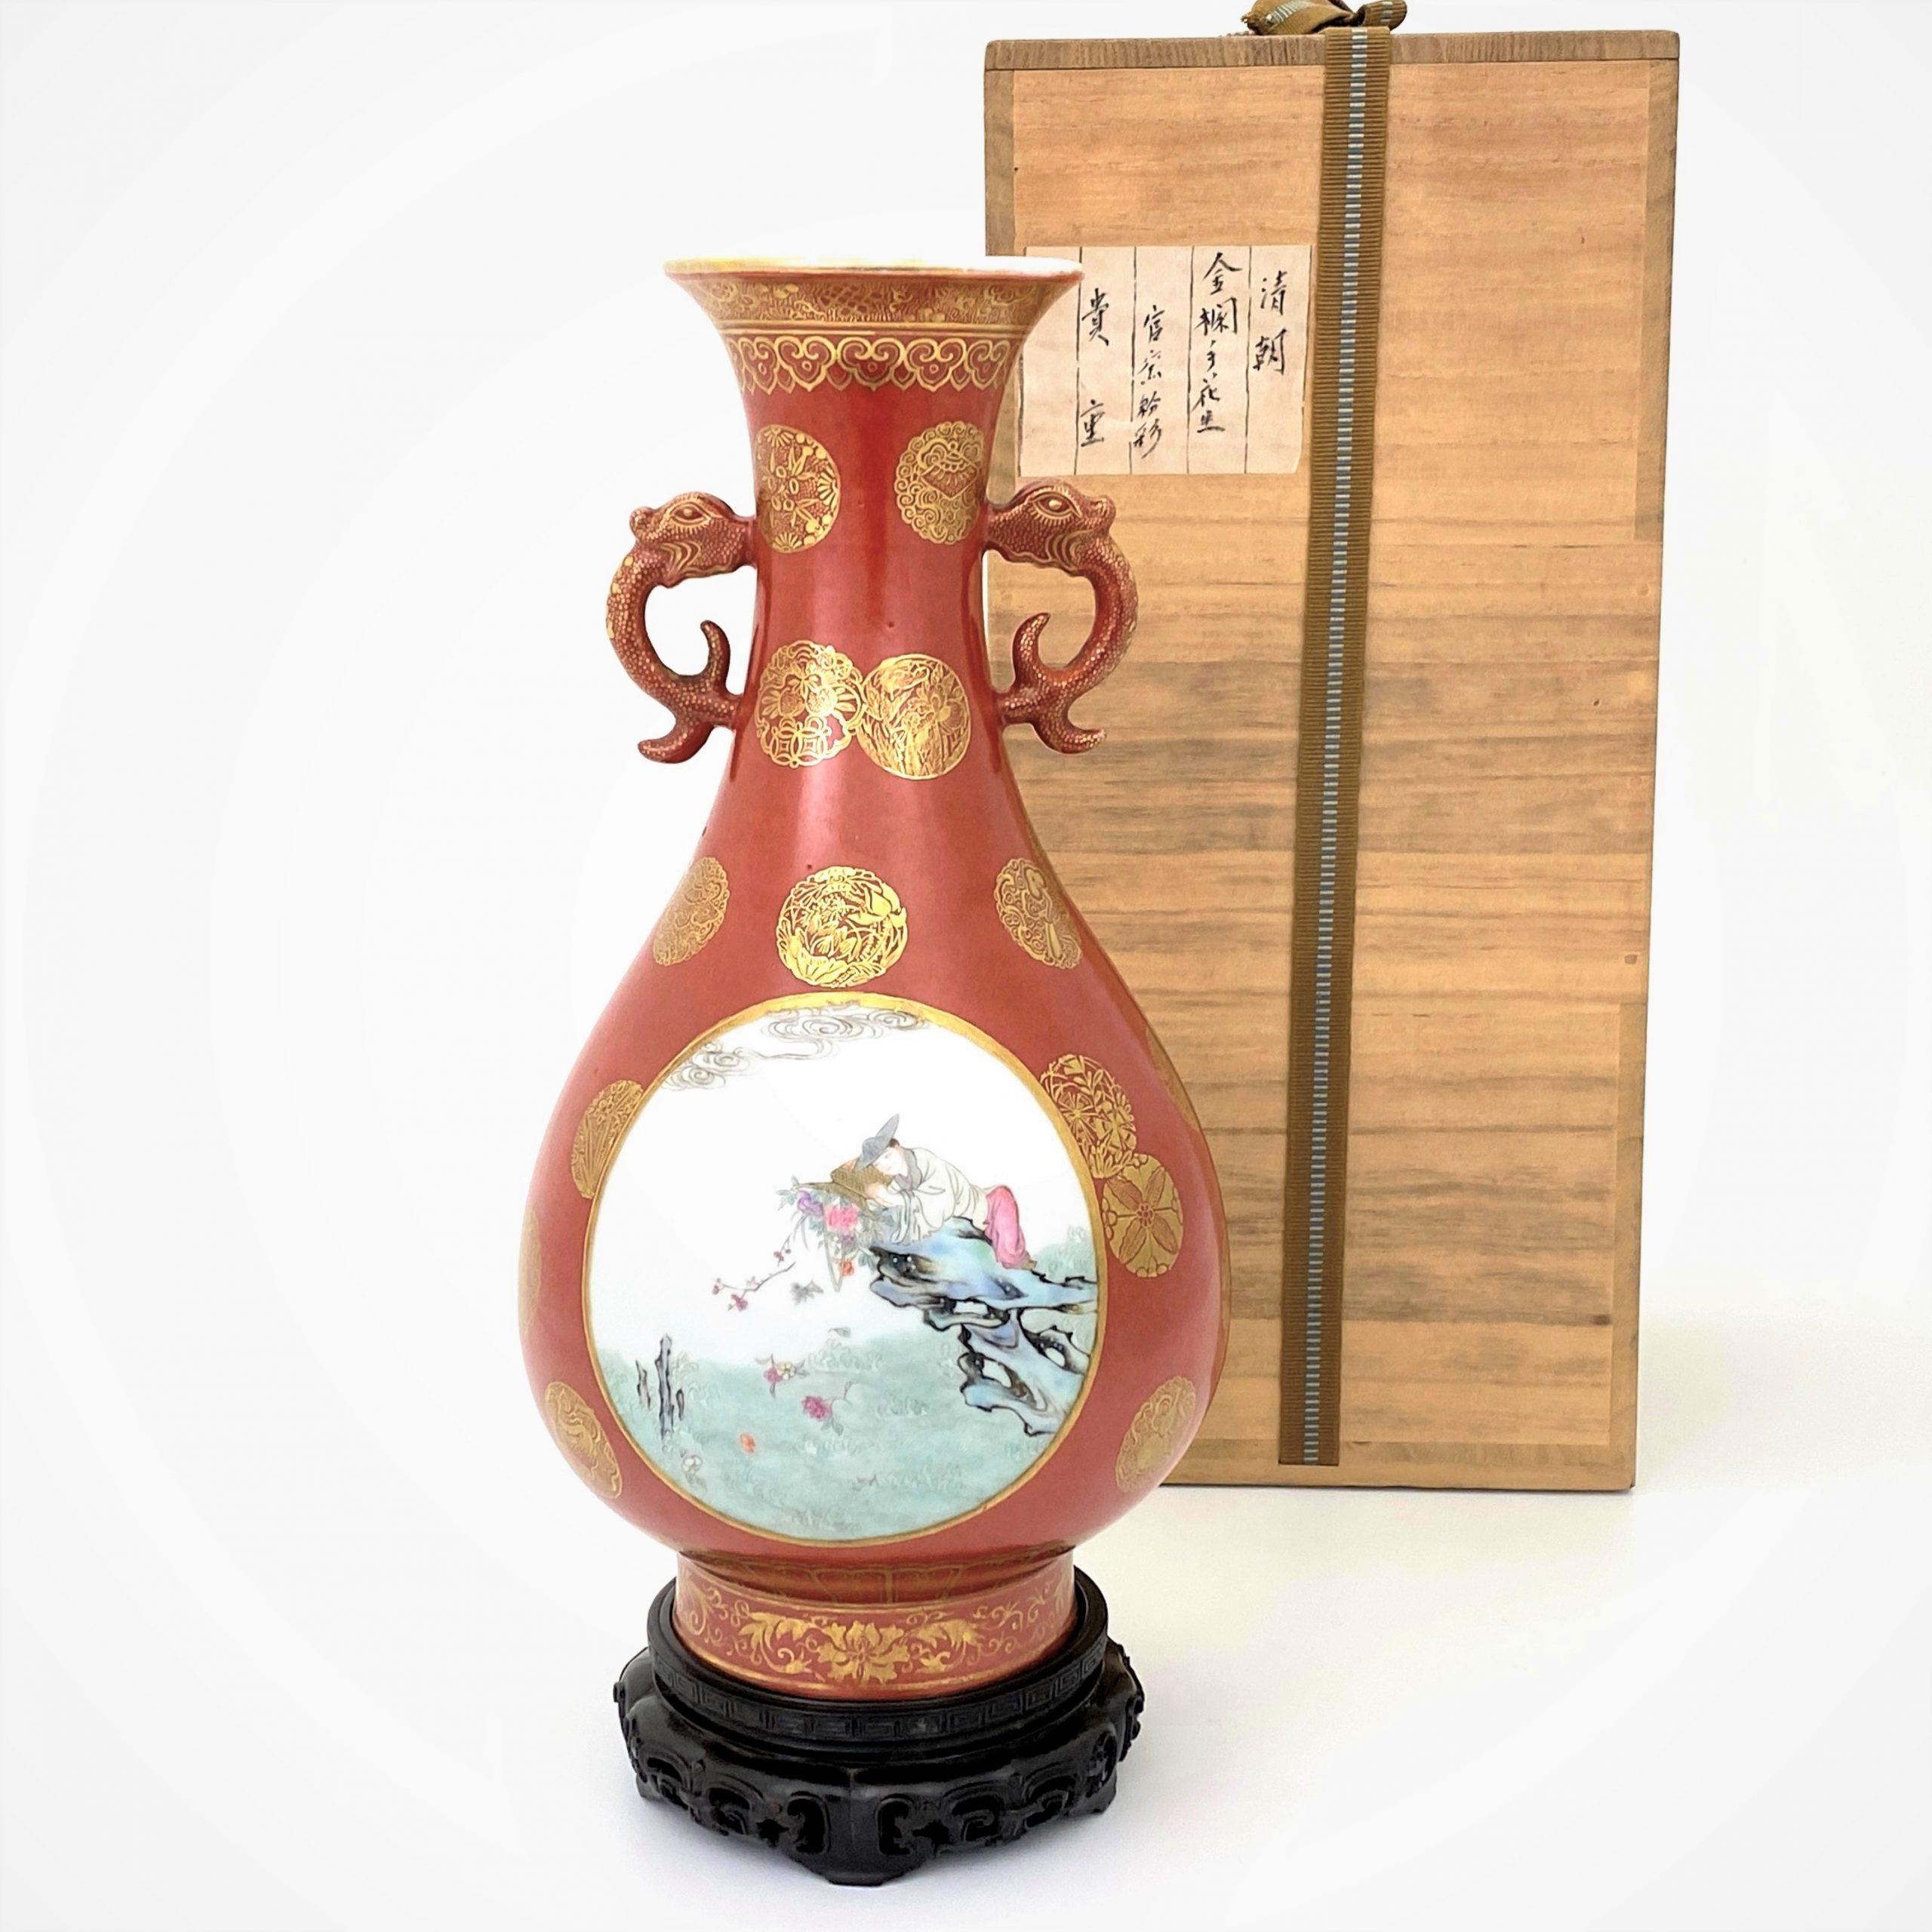 21662清「大清乾隆年製」款 珊瑚紅地金彩局部粉彩 人物紋 龍耳瓶